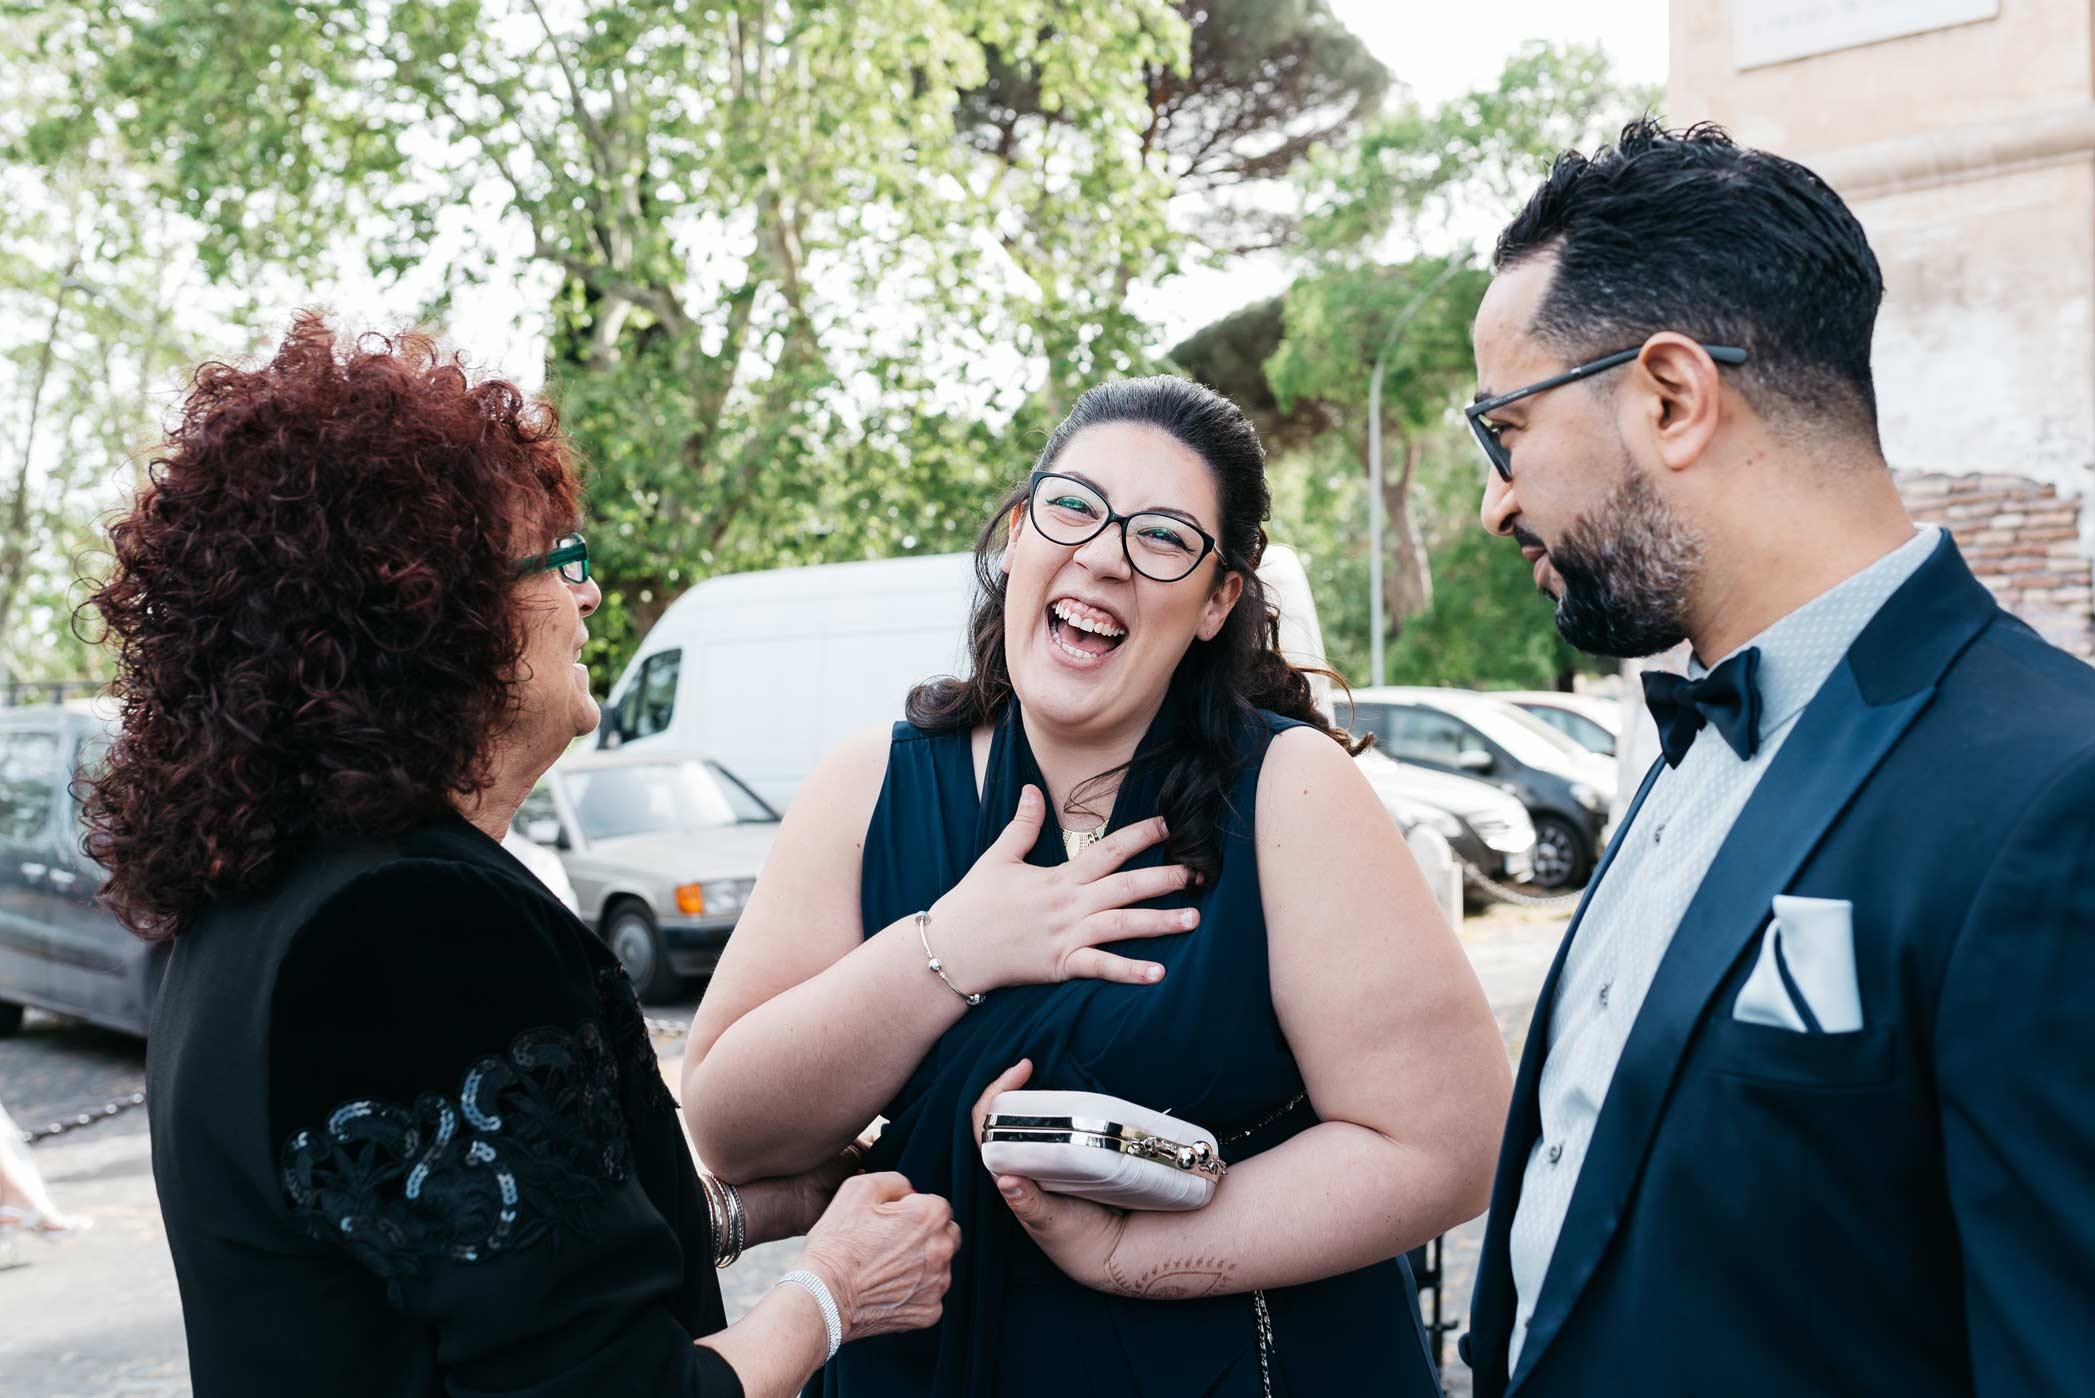 Fotografo-Sposi-Fotografo-Di-Matrimonio-Roma-A&D